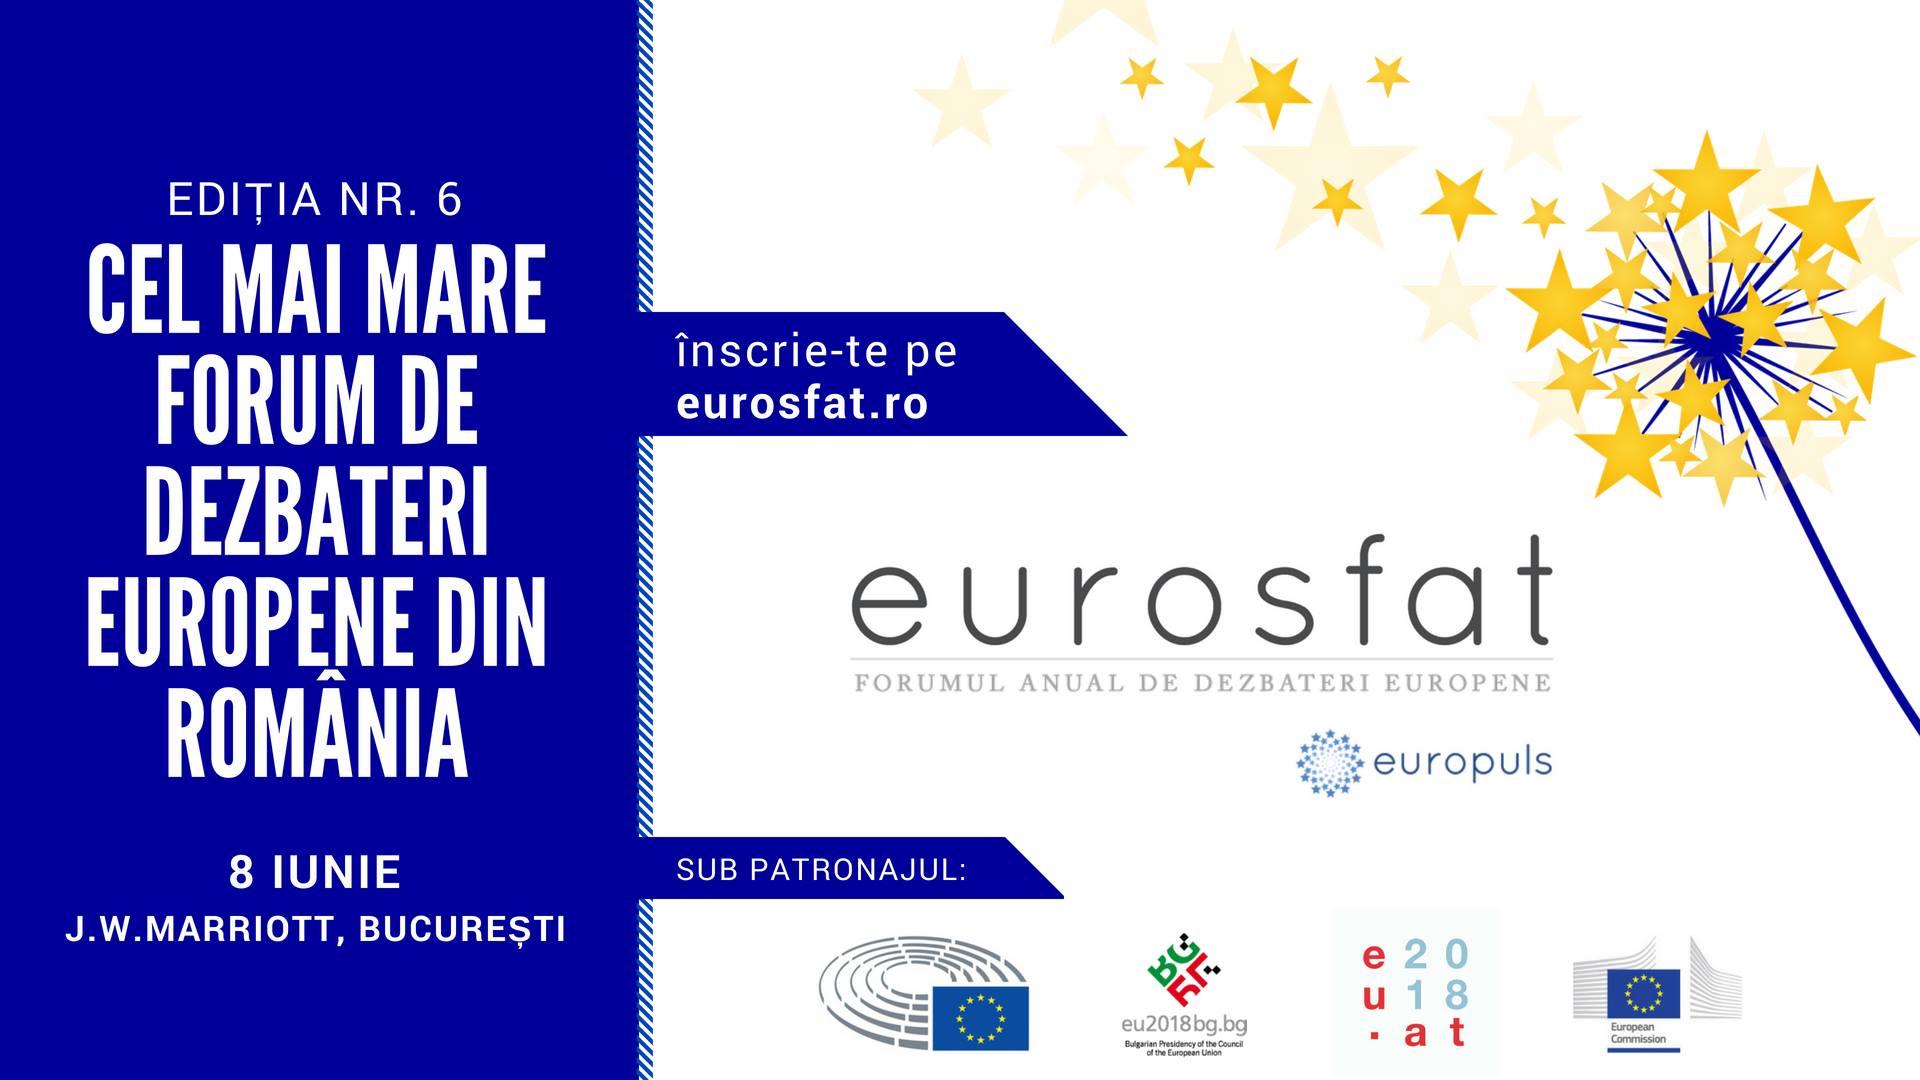 Încep înscrierile la Eurosfat, cel mai mare forum anual de afaceri europene din România